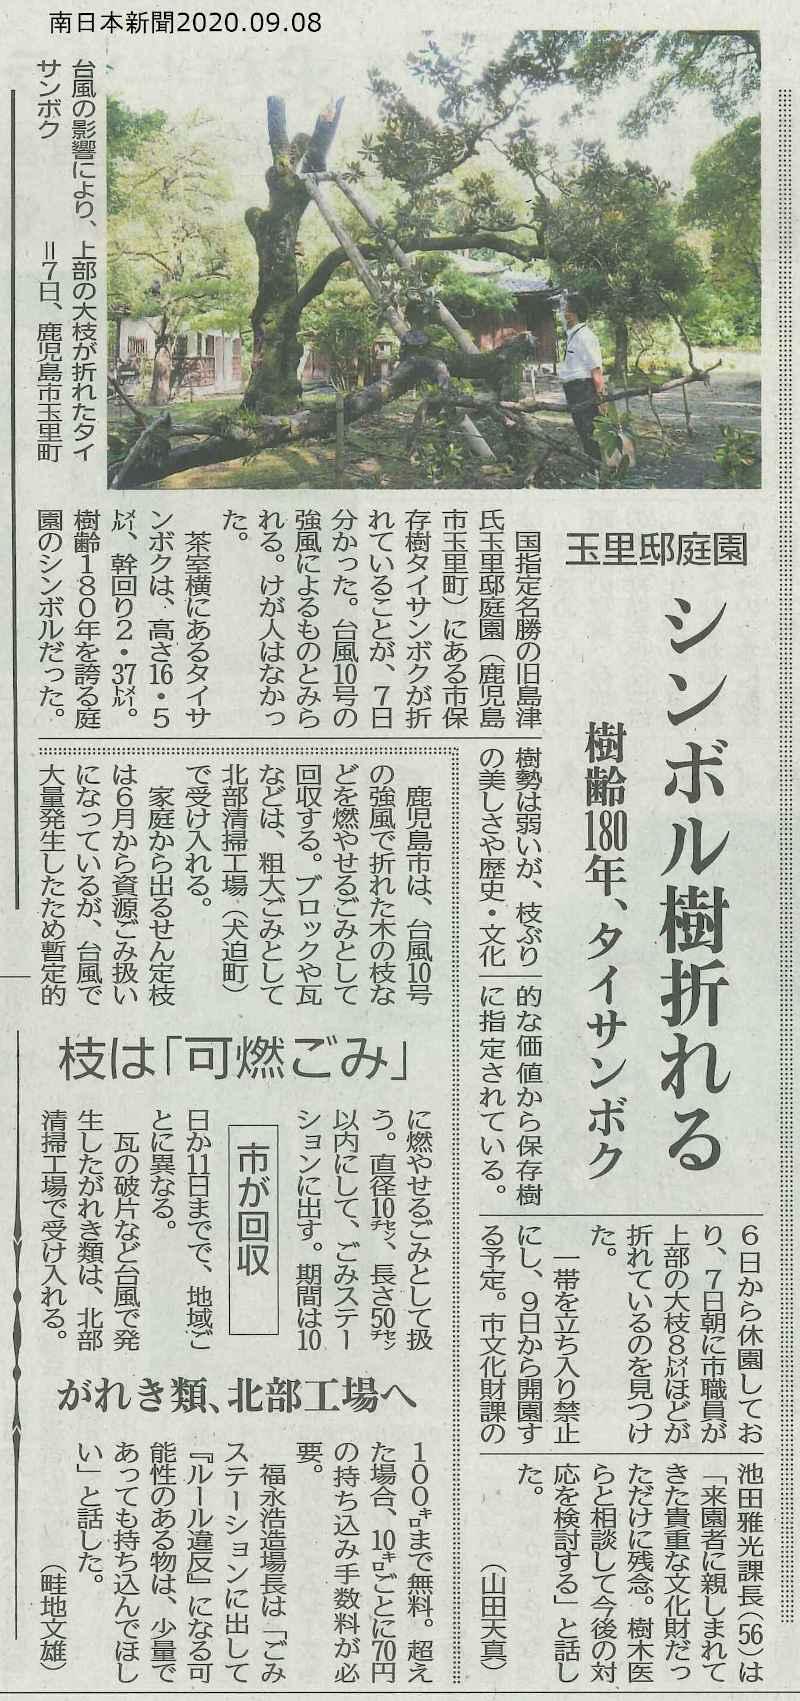 玉里邸庭園シンボル樹折れる_南日本新聞2020.09.08